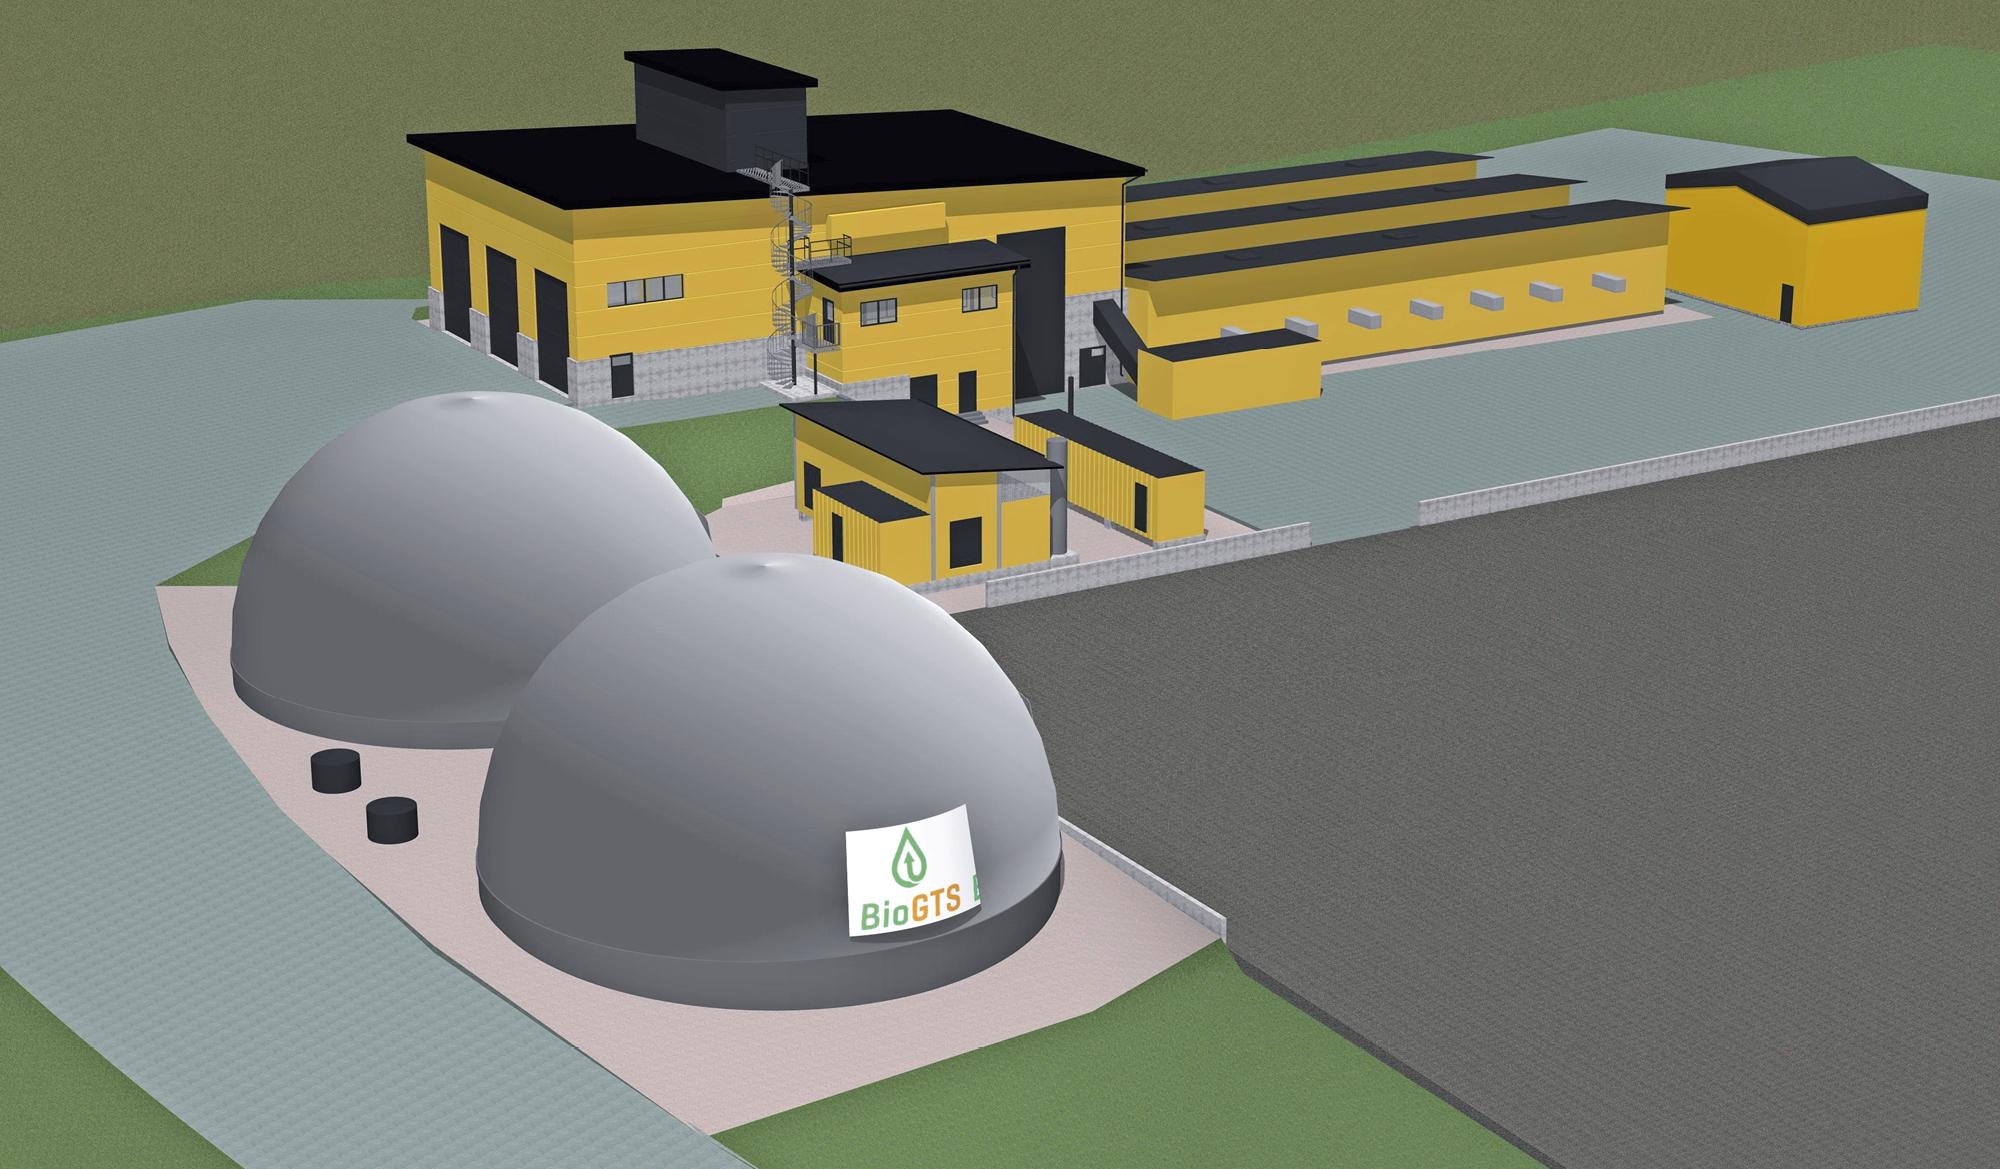 Biojalostamolaitoksen vuosituotto täydellä kapasiteetilla vastaa noin 1 400 kaasuauton vuotuista polttoainetarvetta.